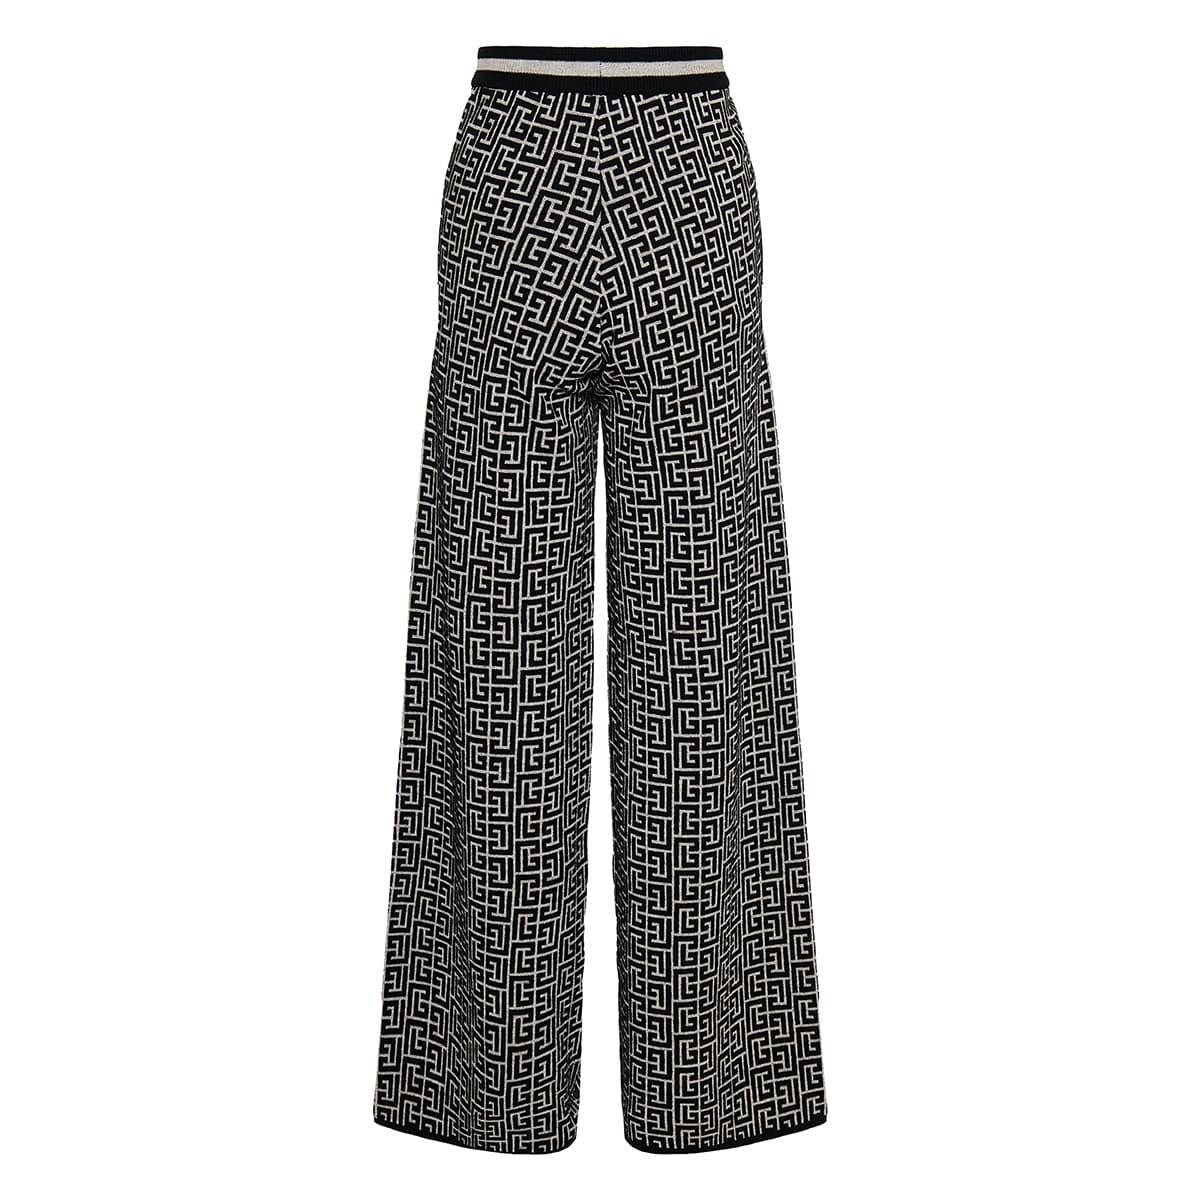 Monogram jacquard knit trousers